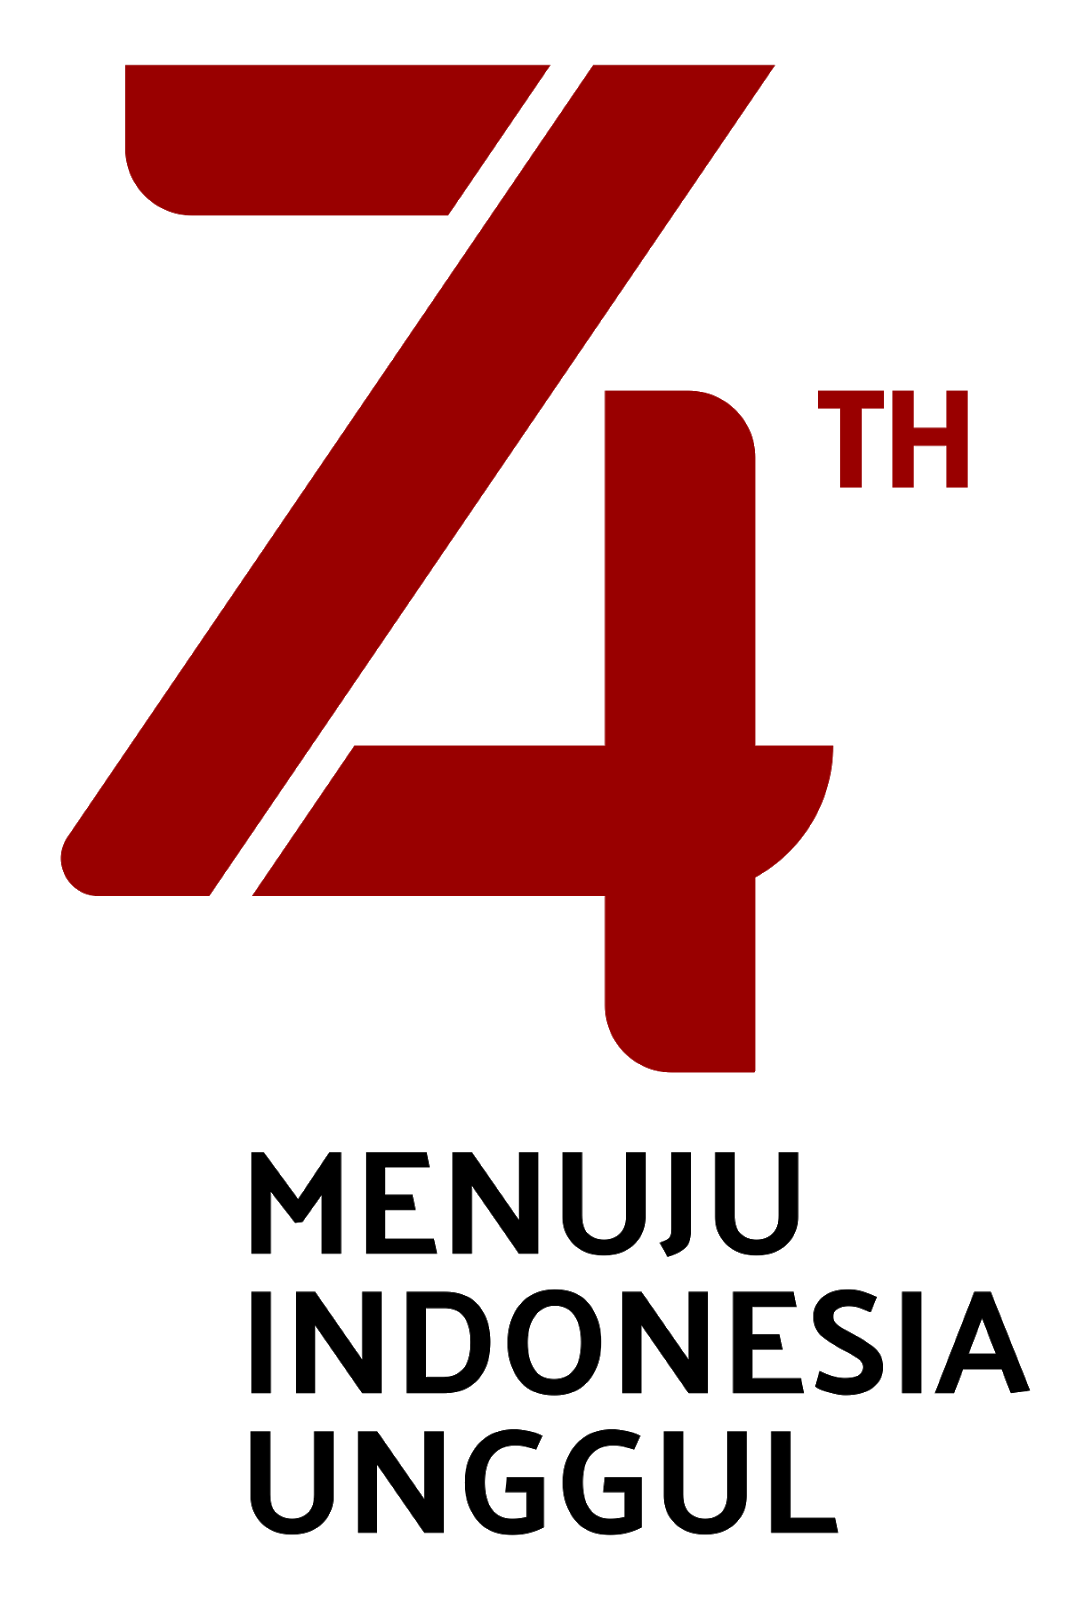 88 Gambar Logo Hut Ri Ke 74 Paling Hist